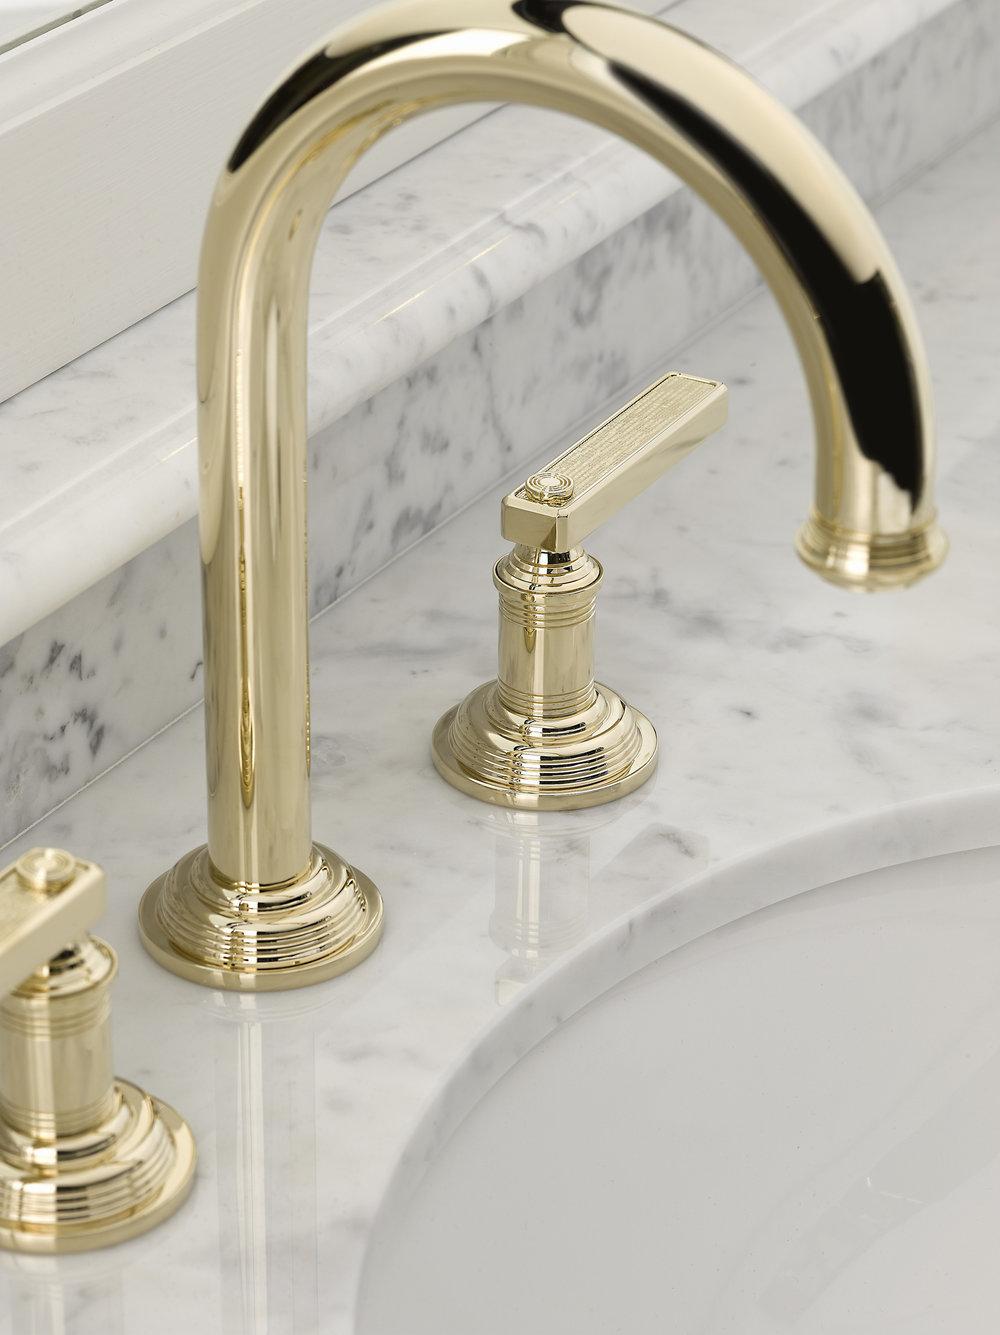 Brass Faucet Minneapolis